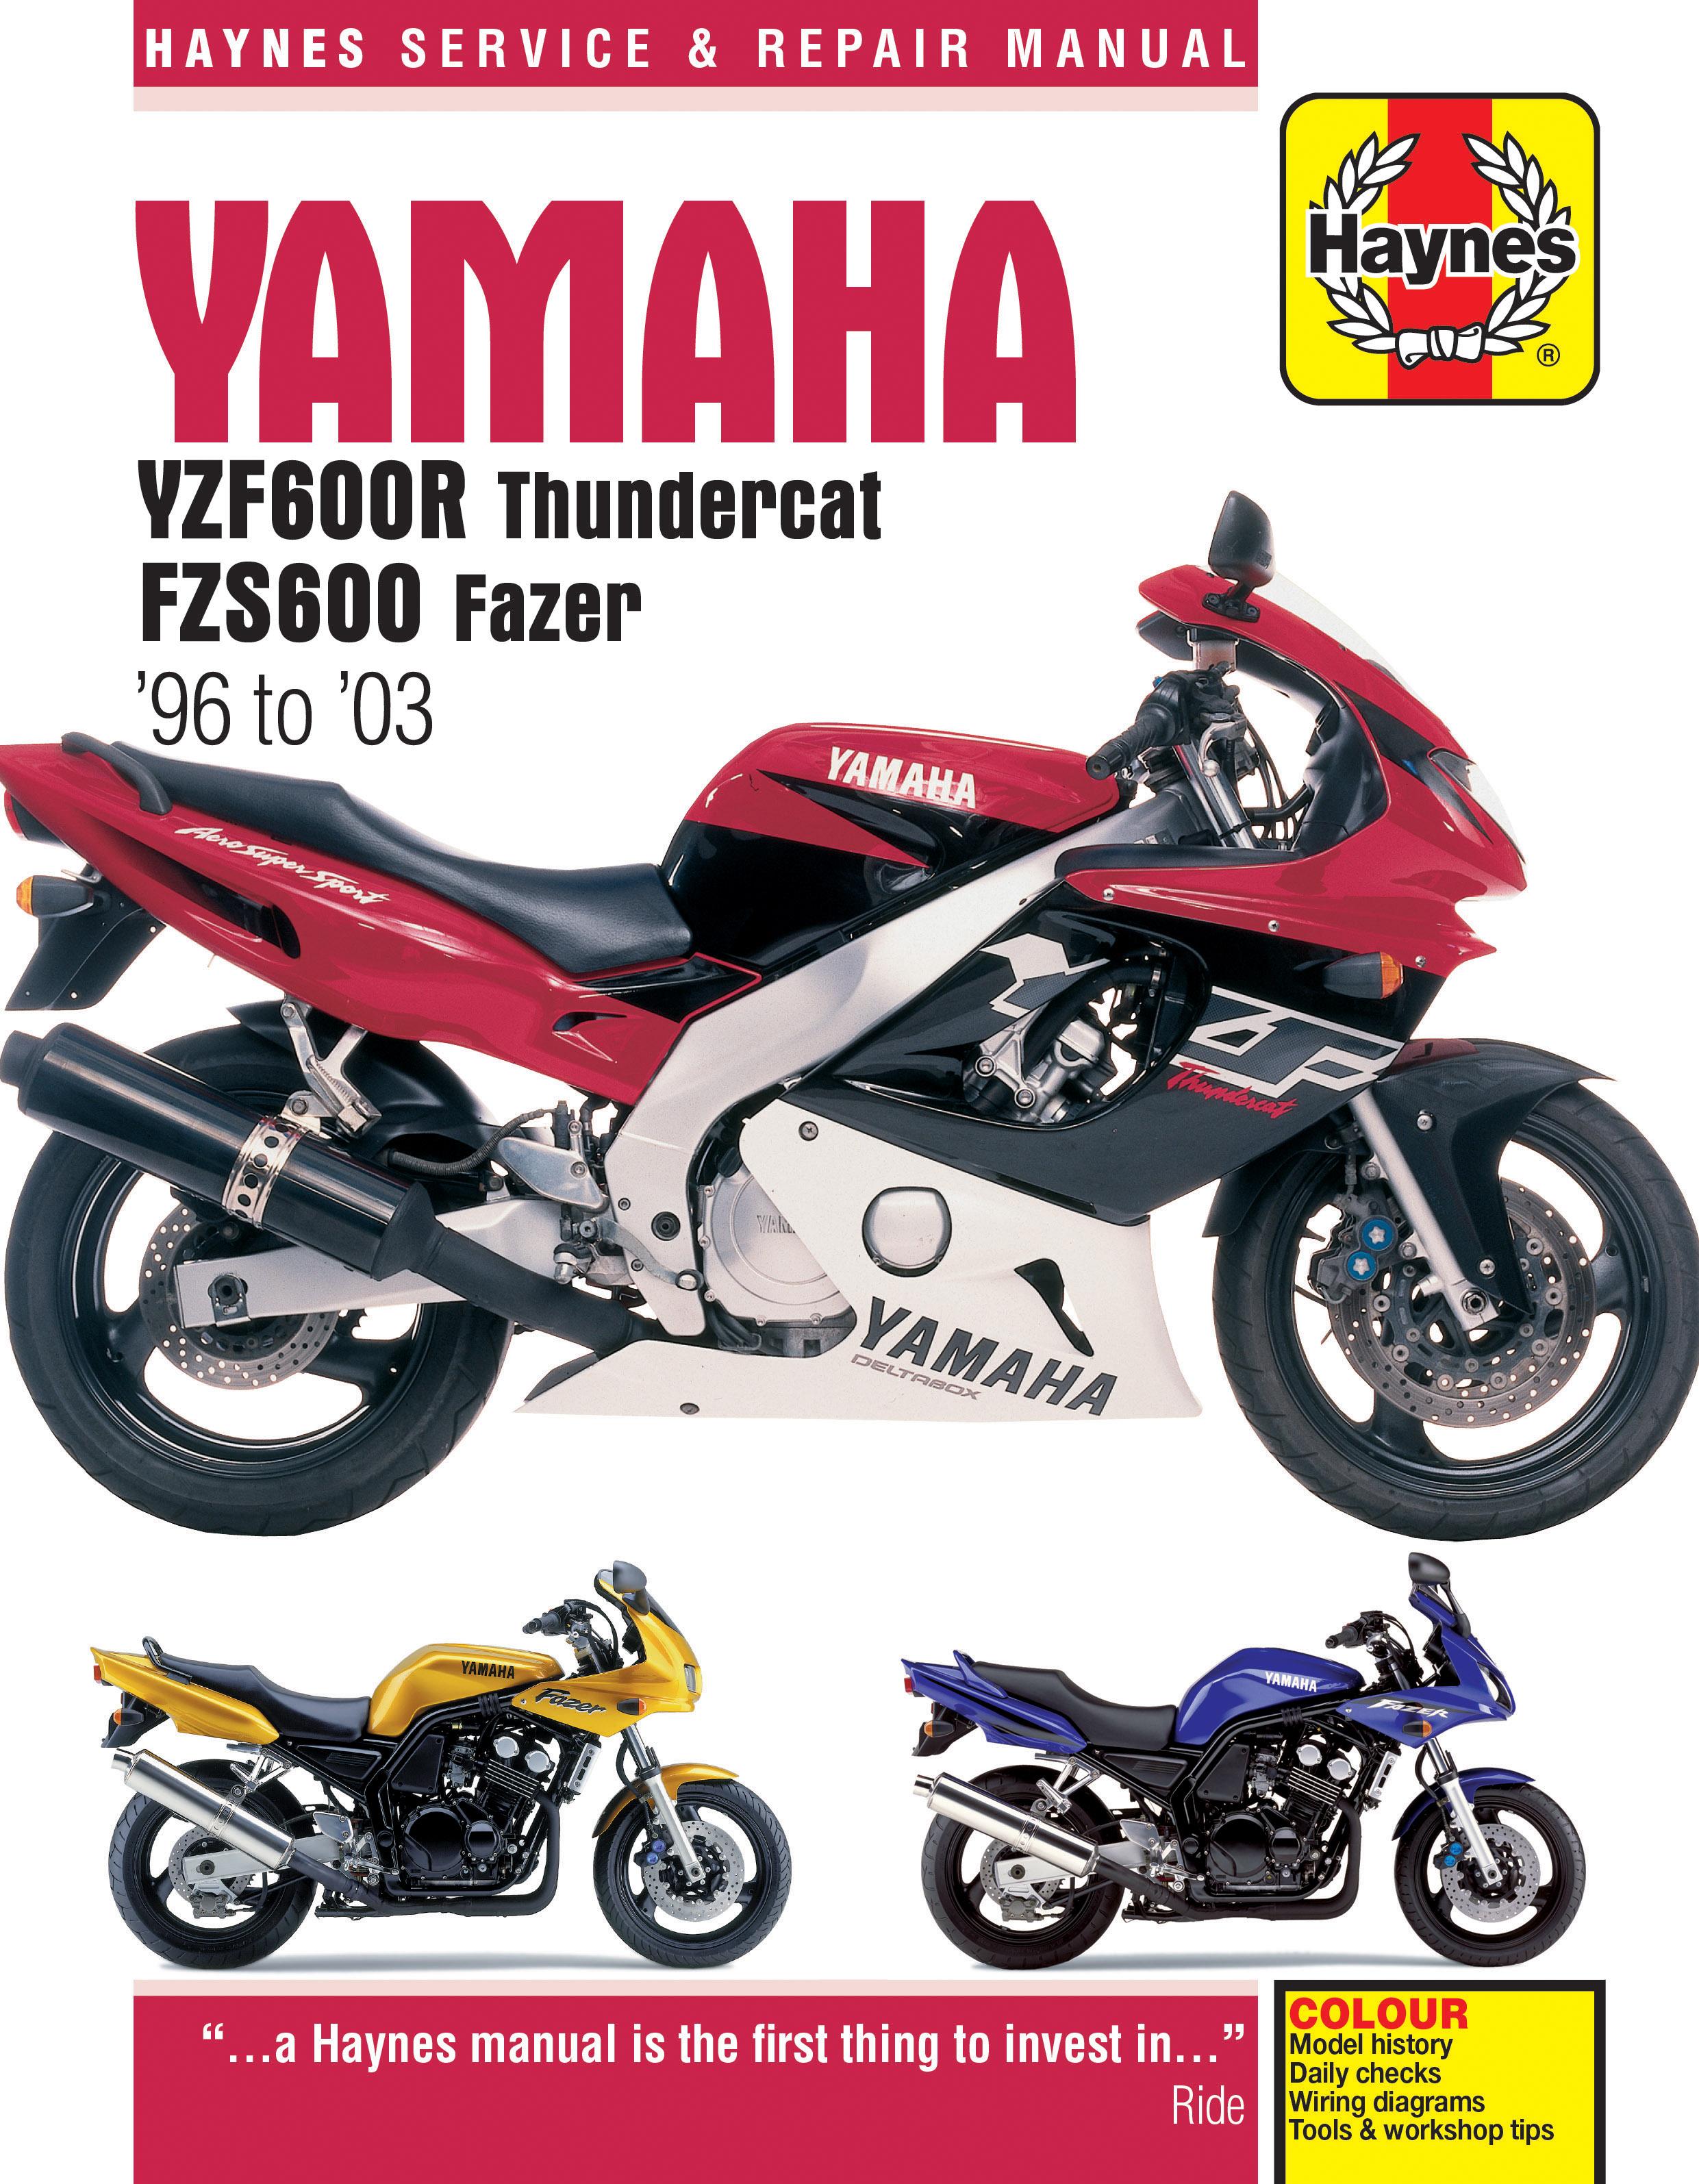 Yamaha Yzf 600 Wiring Diagram - Schematics Online on